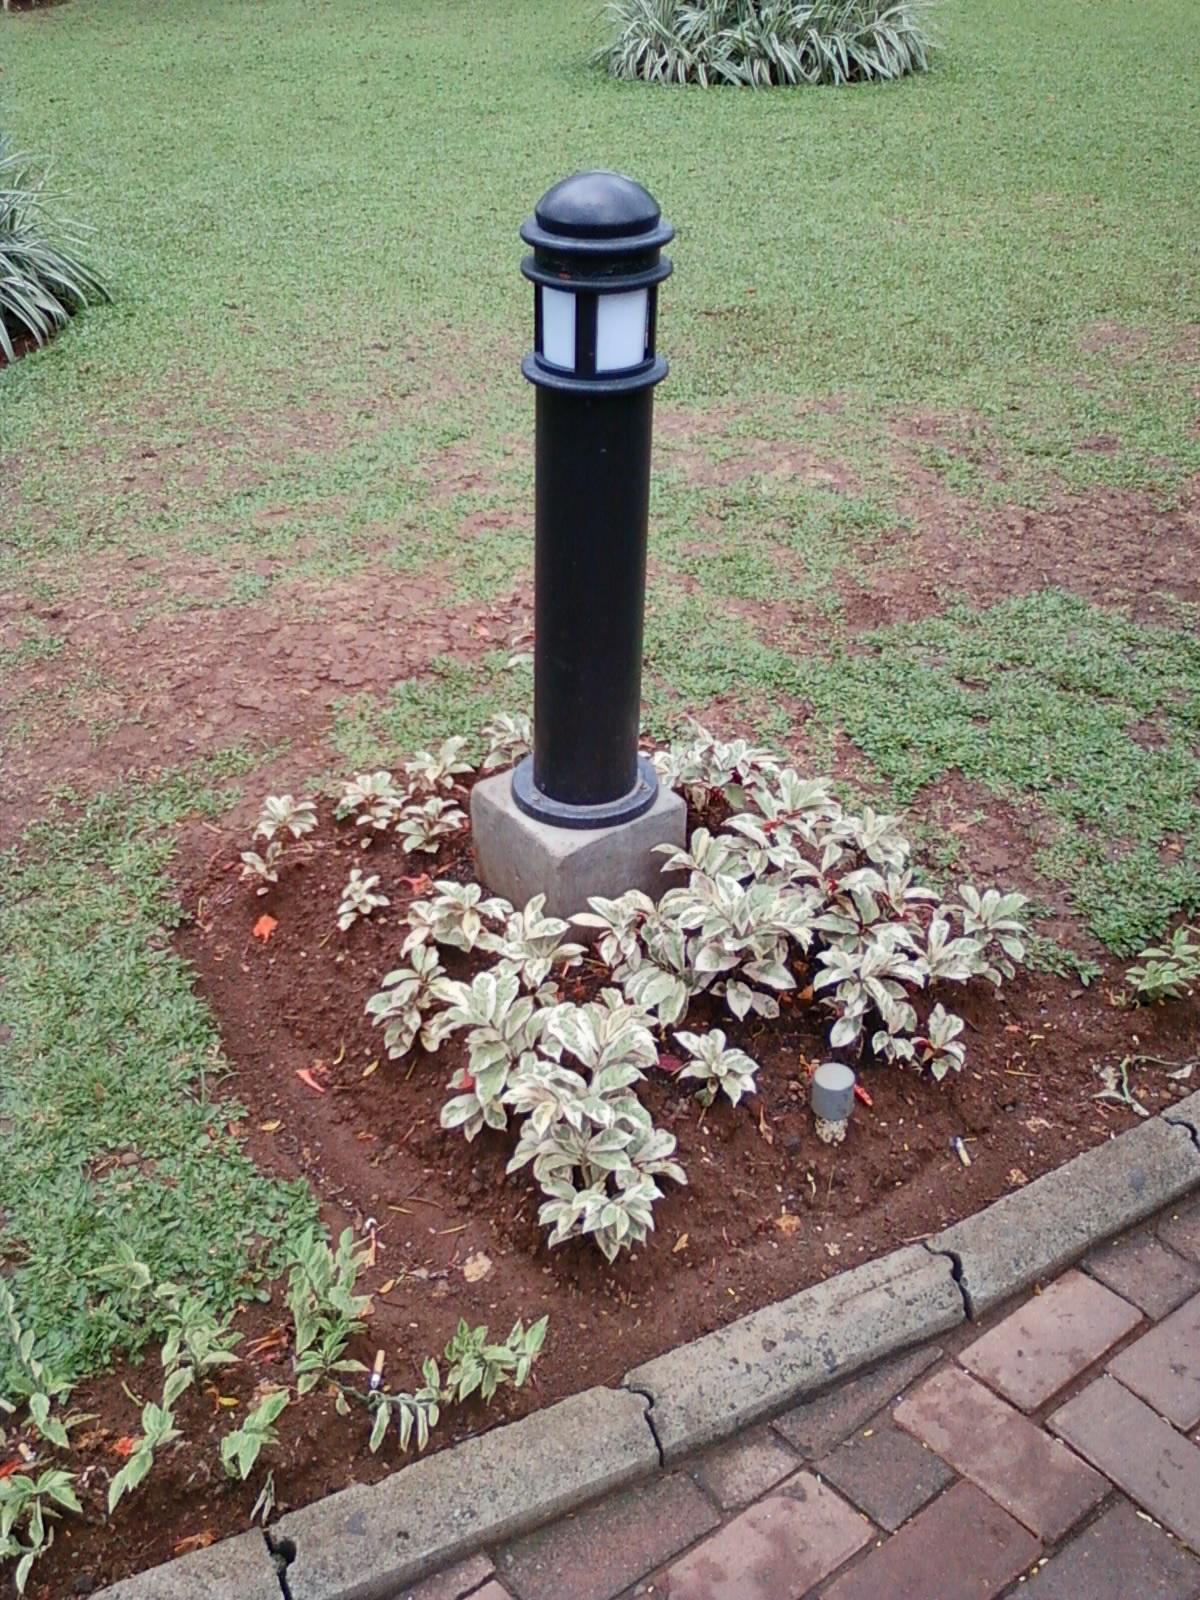 Taman Gedung Bri Tanaman Di Area Lampu Taman O2 Fresh